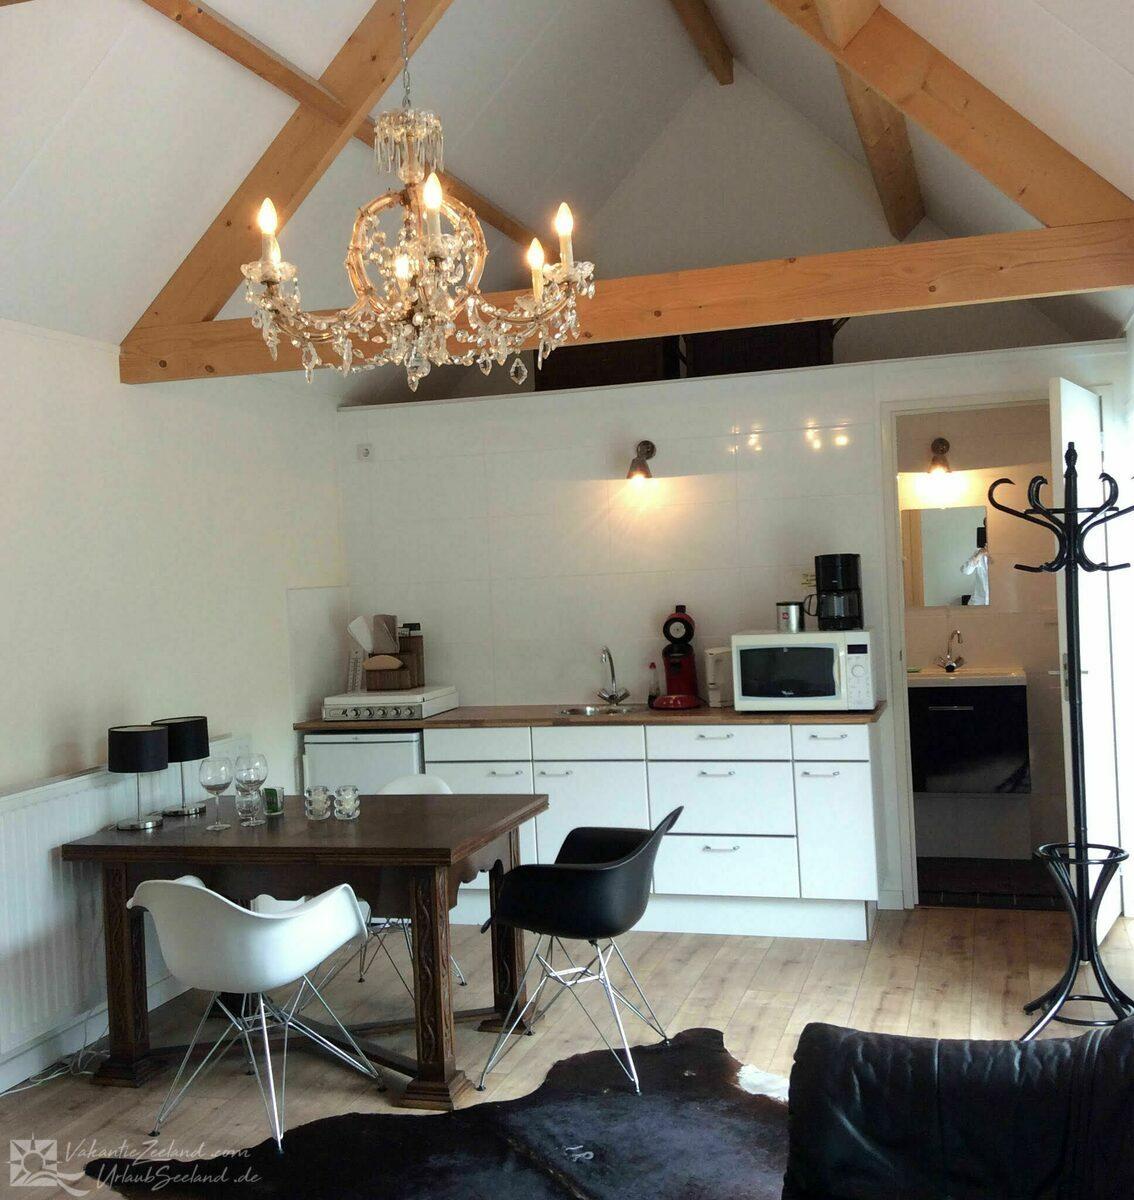 VZ909 Cottage in Hulst